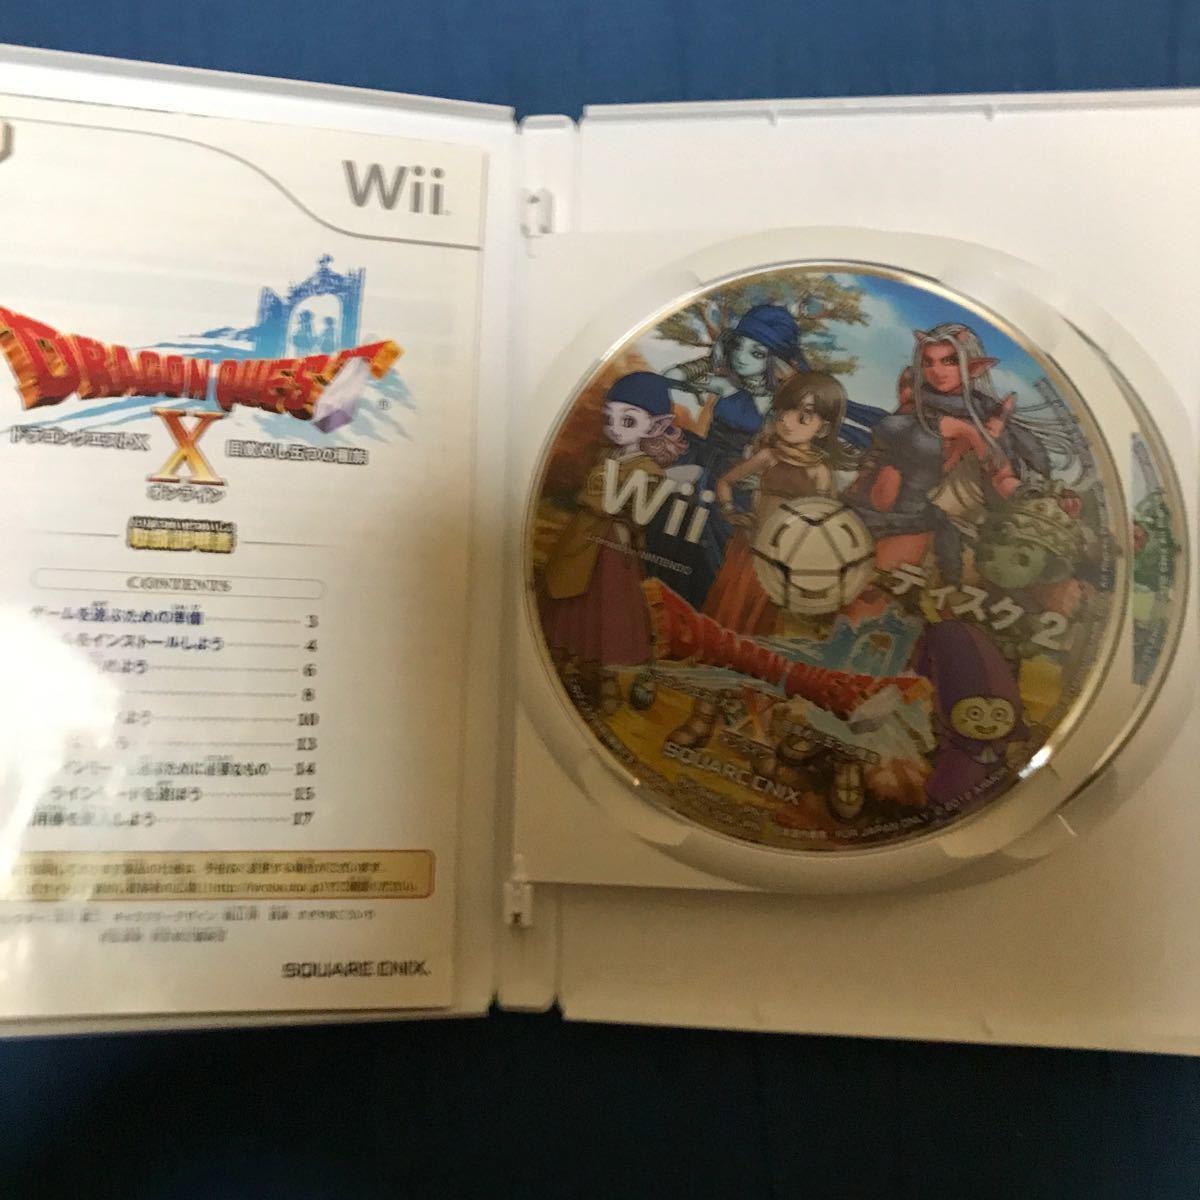 Wiiソフト2本セット販売!ドラゴンクエストX 目覚めし五つの種族 [通常版]/Wii Sports